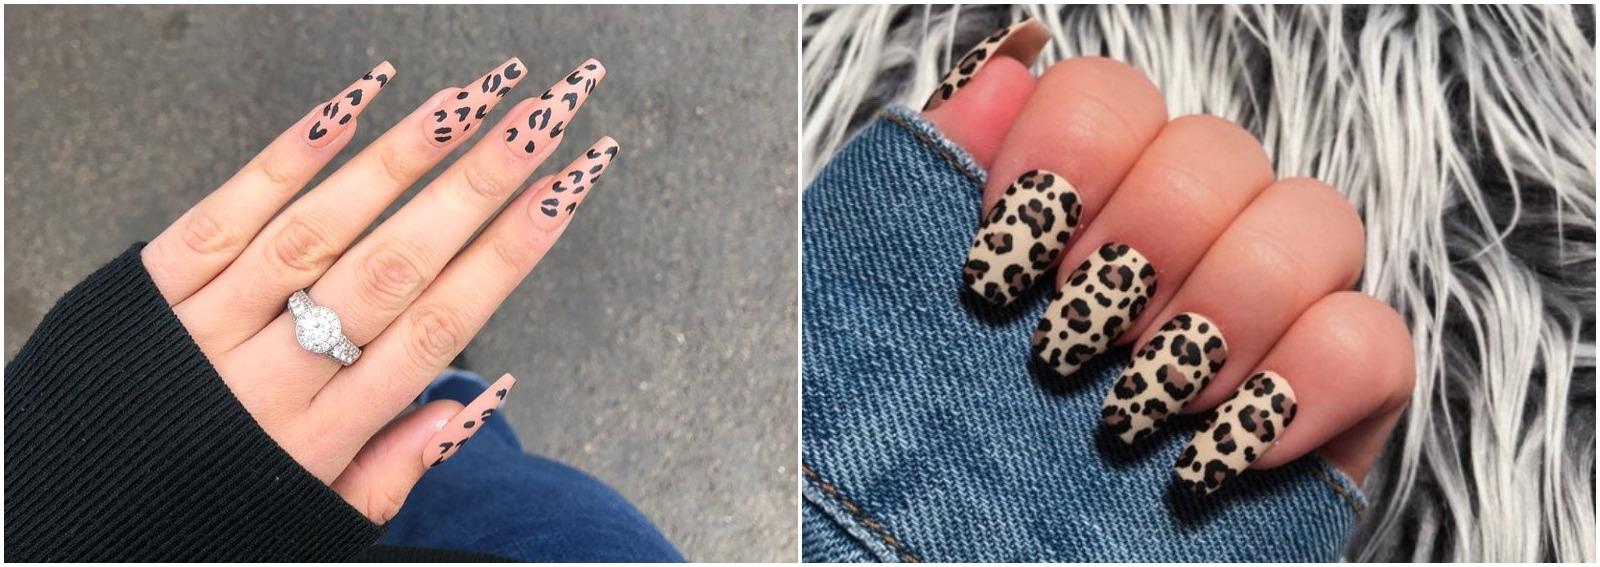 unghie leopardate nail art animalier cover desktop 01